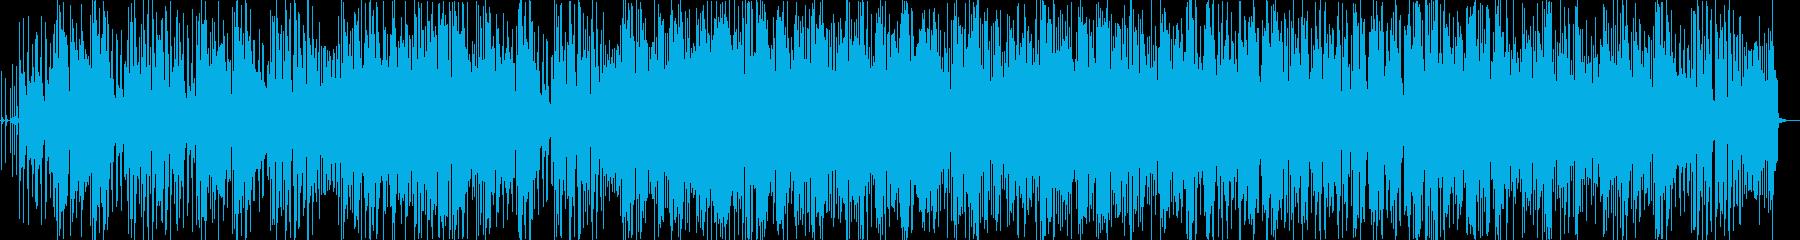 BGM_おしゃれなピアノトリオジャズの再生済みの波形